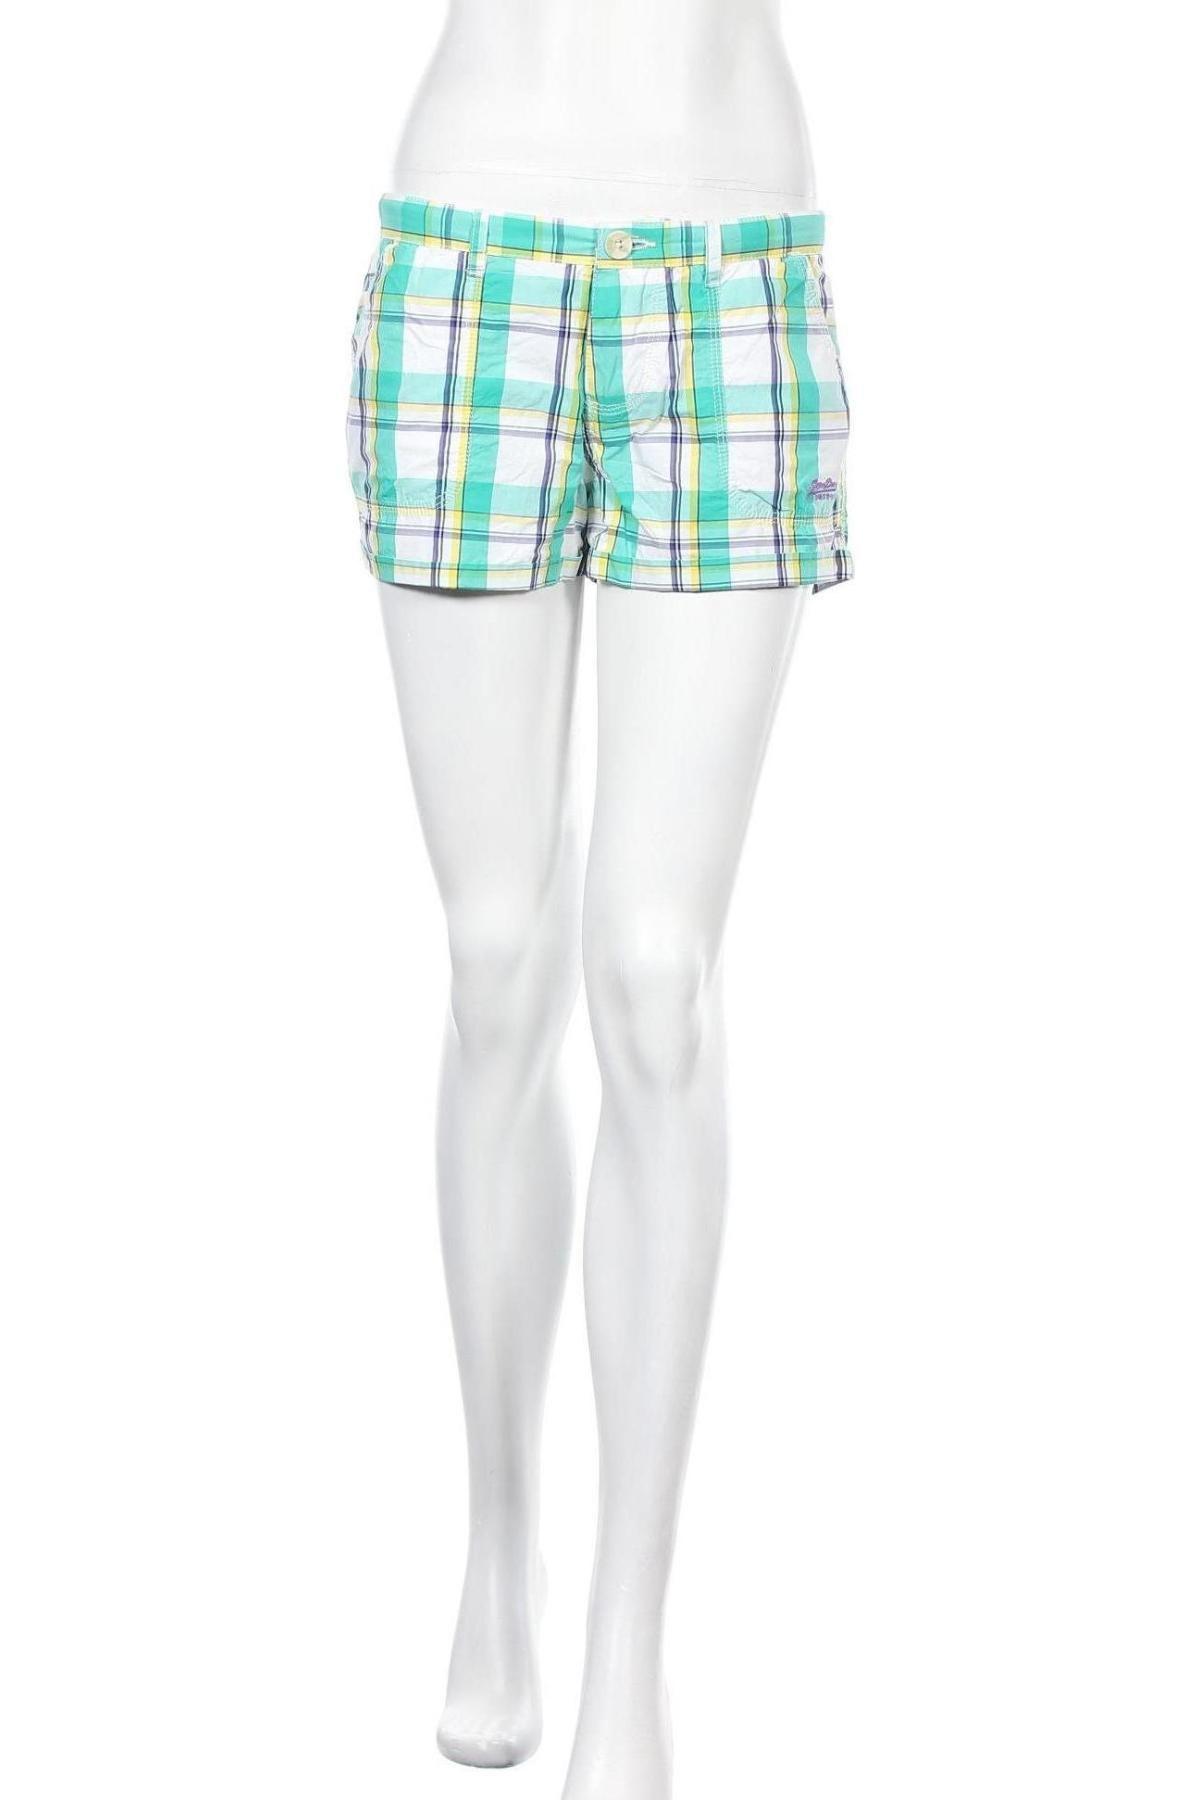 Γυναικείο κοντό παντελόνι Superdry, Μέγεθος S, Χρώμα Πολύχρωμο, 100% βαμβάκι, Τιμή 23,12€